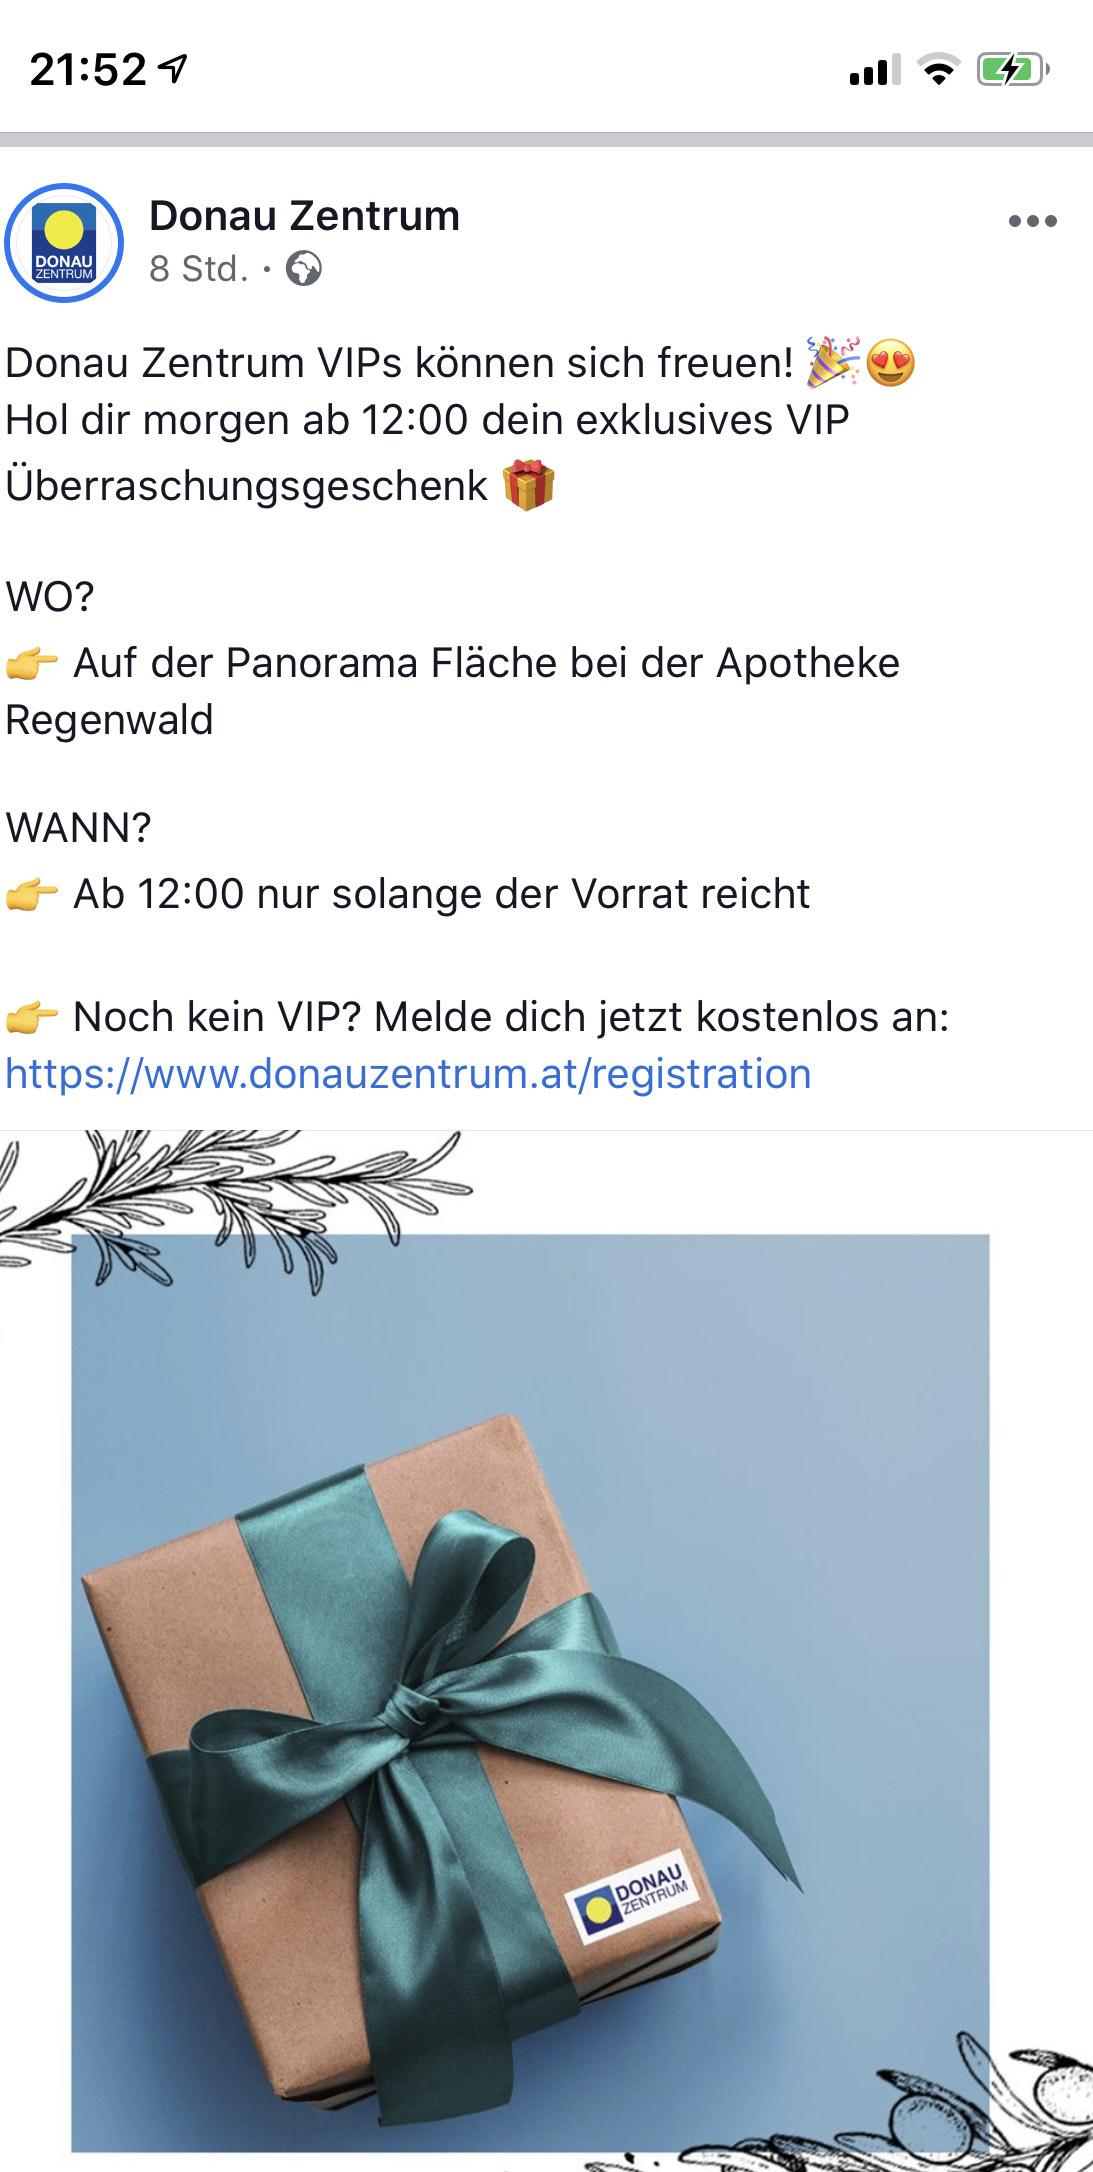 Überraschungsgeschenk für VIPs im Donauzentrum